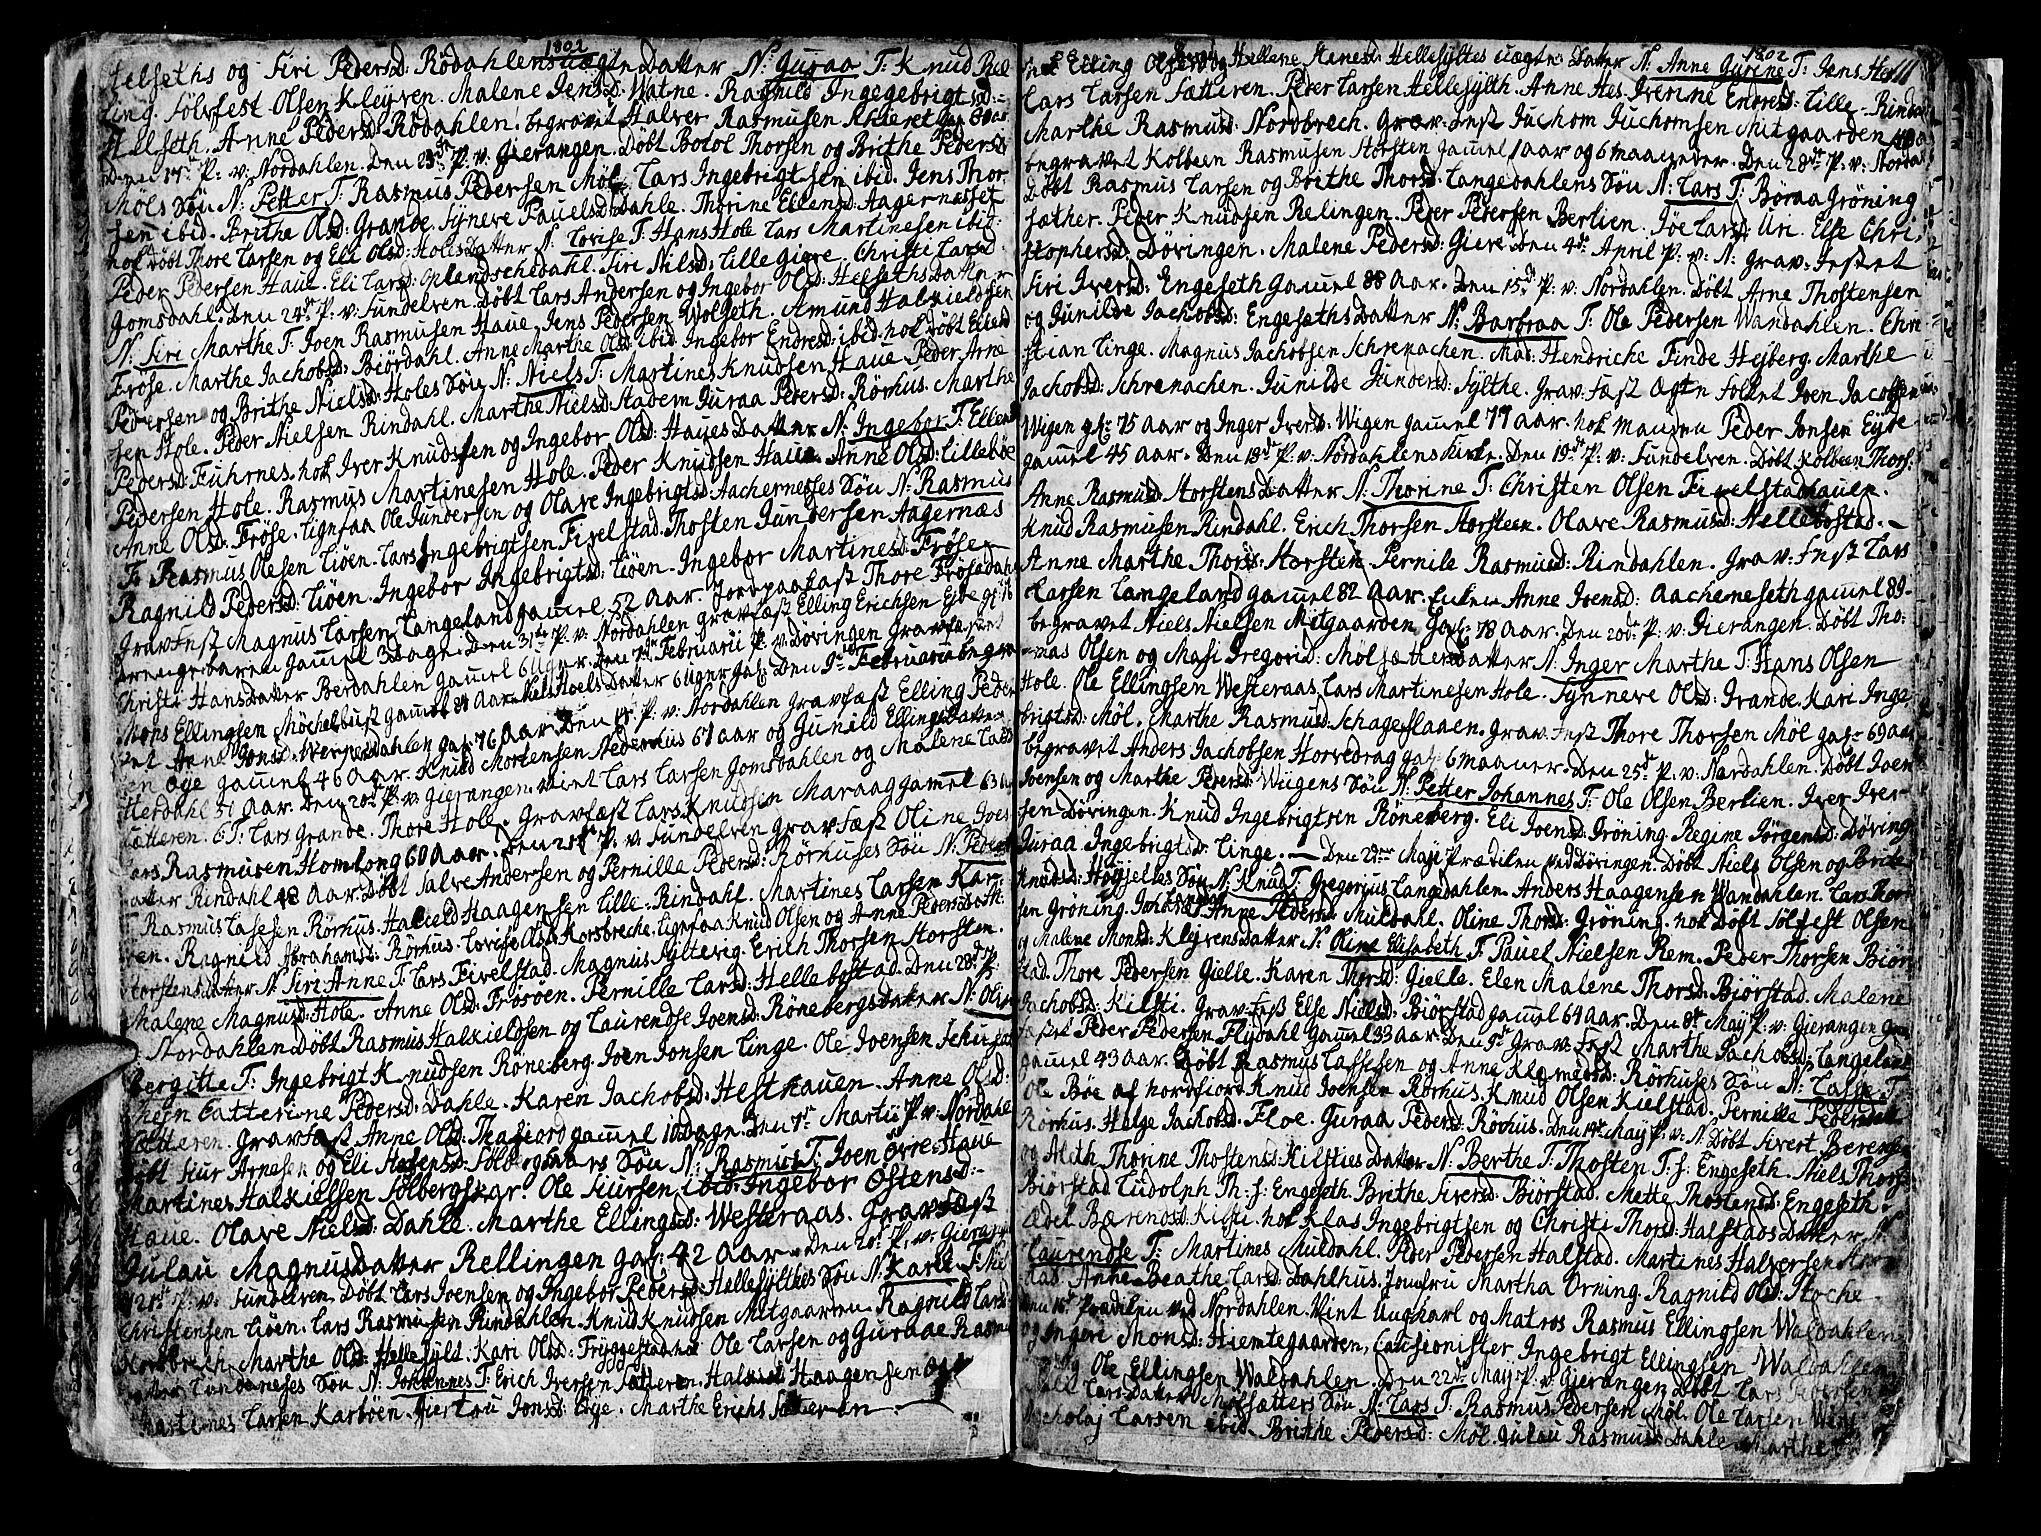 SAT, Ministerialprotokoller, klokkerbøker og fødselsregistre - Møre og Romsdal, 519/L0245: Ministerialbok nr. 519A04, 1774-1816, s. 111